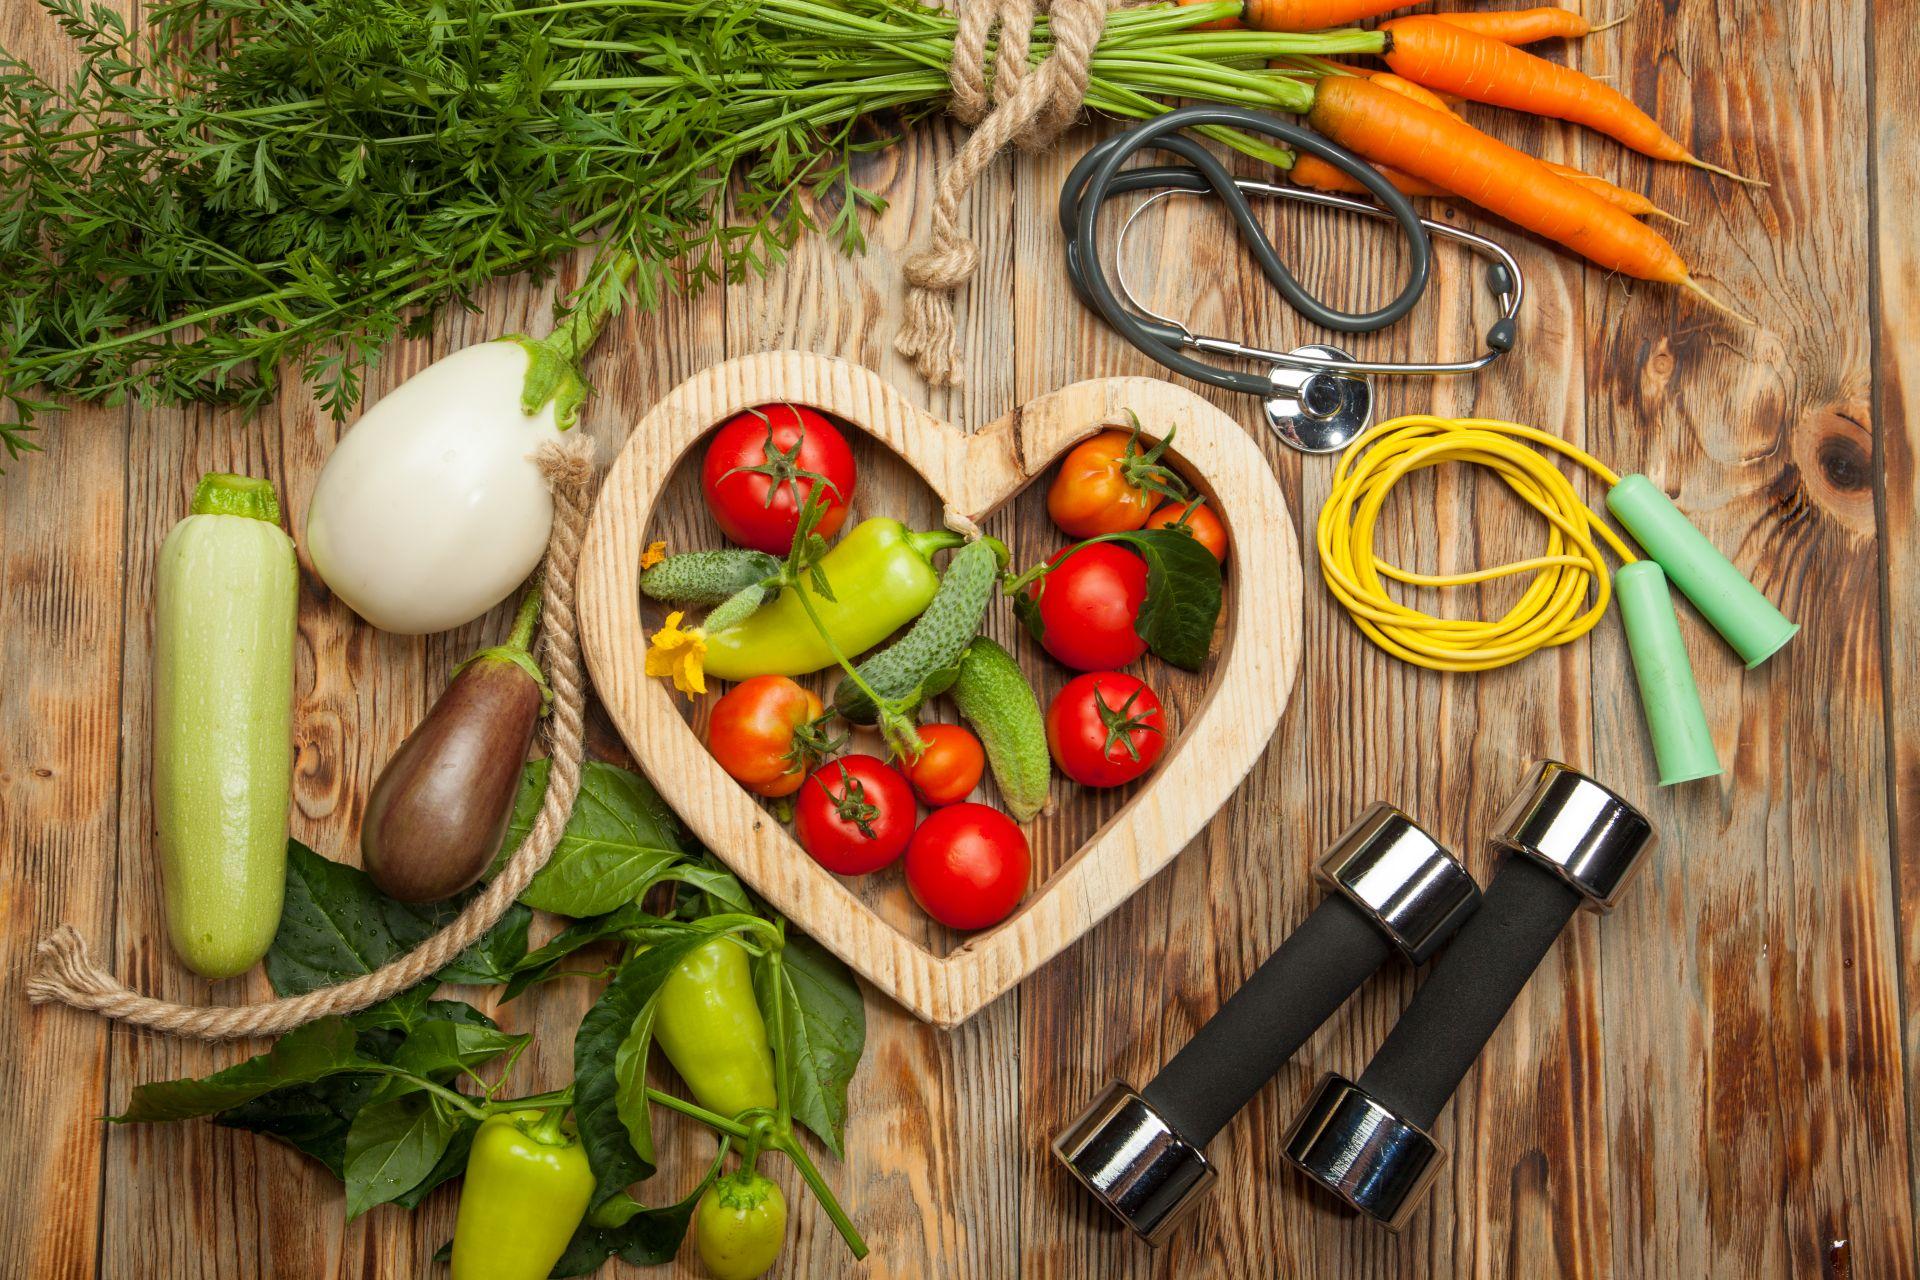 Jakie produkty obniżają cholesterol? Sterole roślinne to skuteczny sposób na obniżanie cholesterolu już o 7-10% w ciągu 3 tygodni.